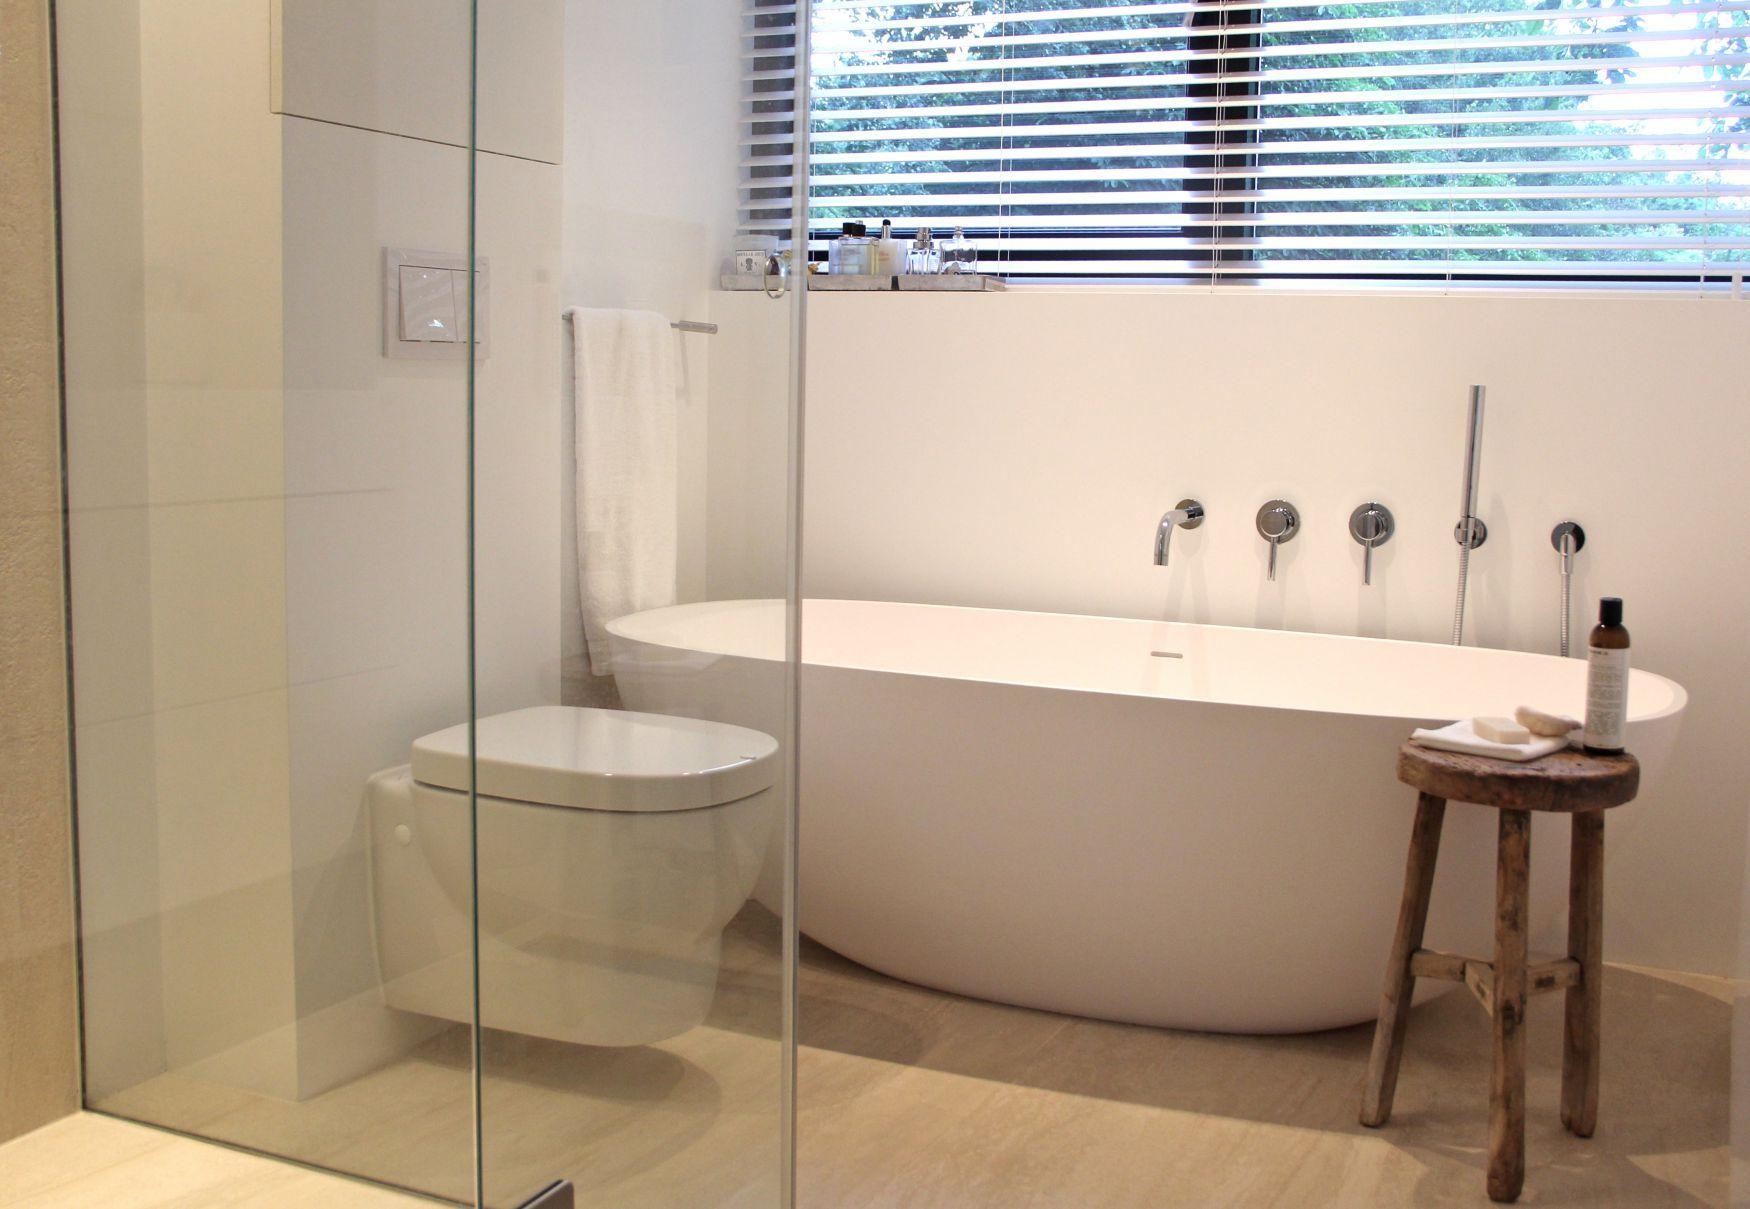 Badkamer Los Bad : Afbeeldingsresultaat voor badkamer los bad onder schuin dak